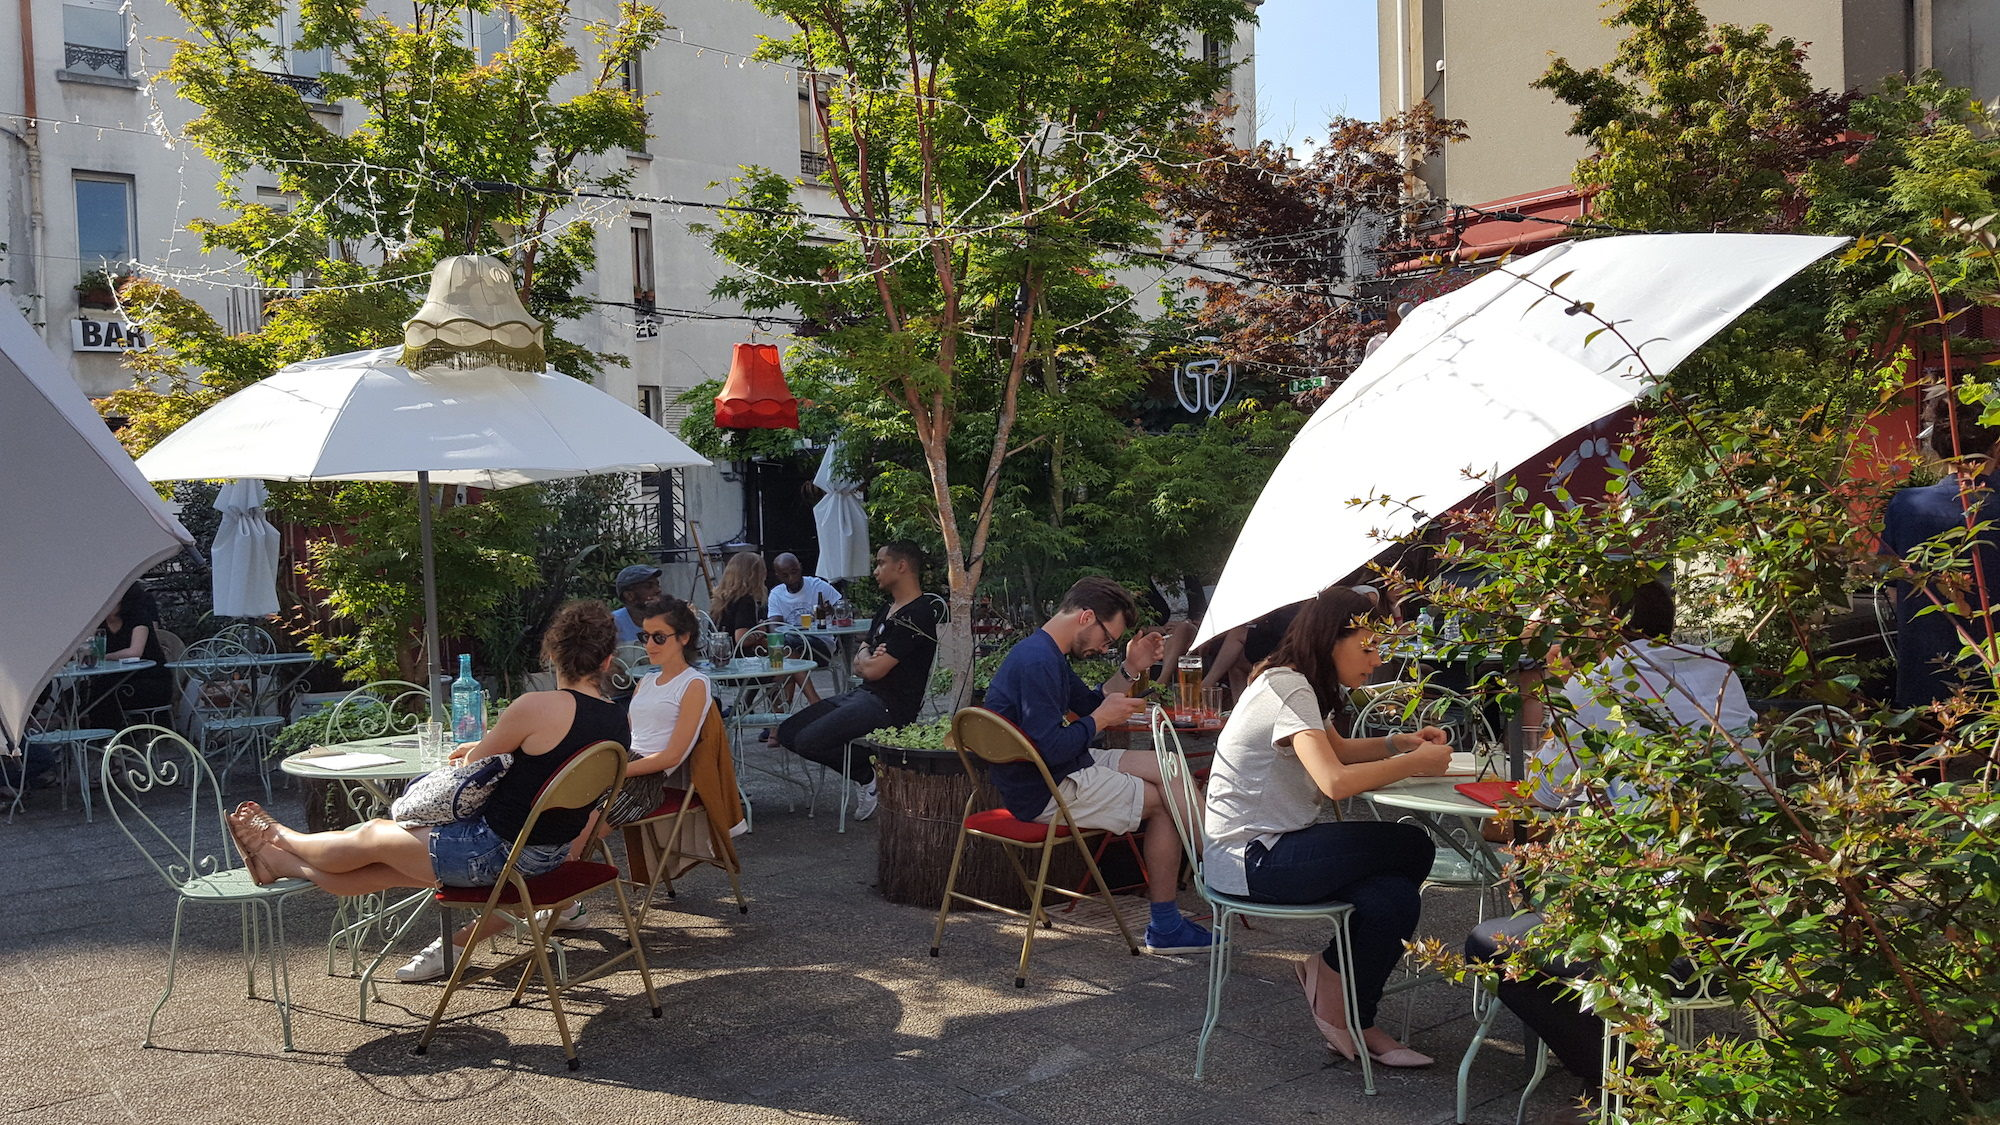 HiP Paris Blog rounds up Paris' best rooftop bars